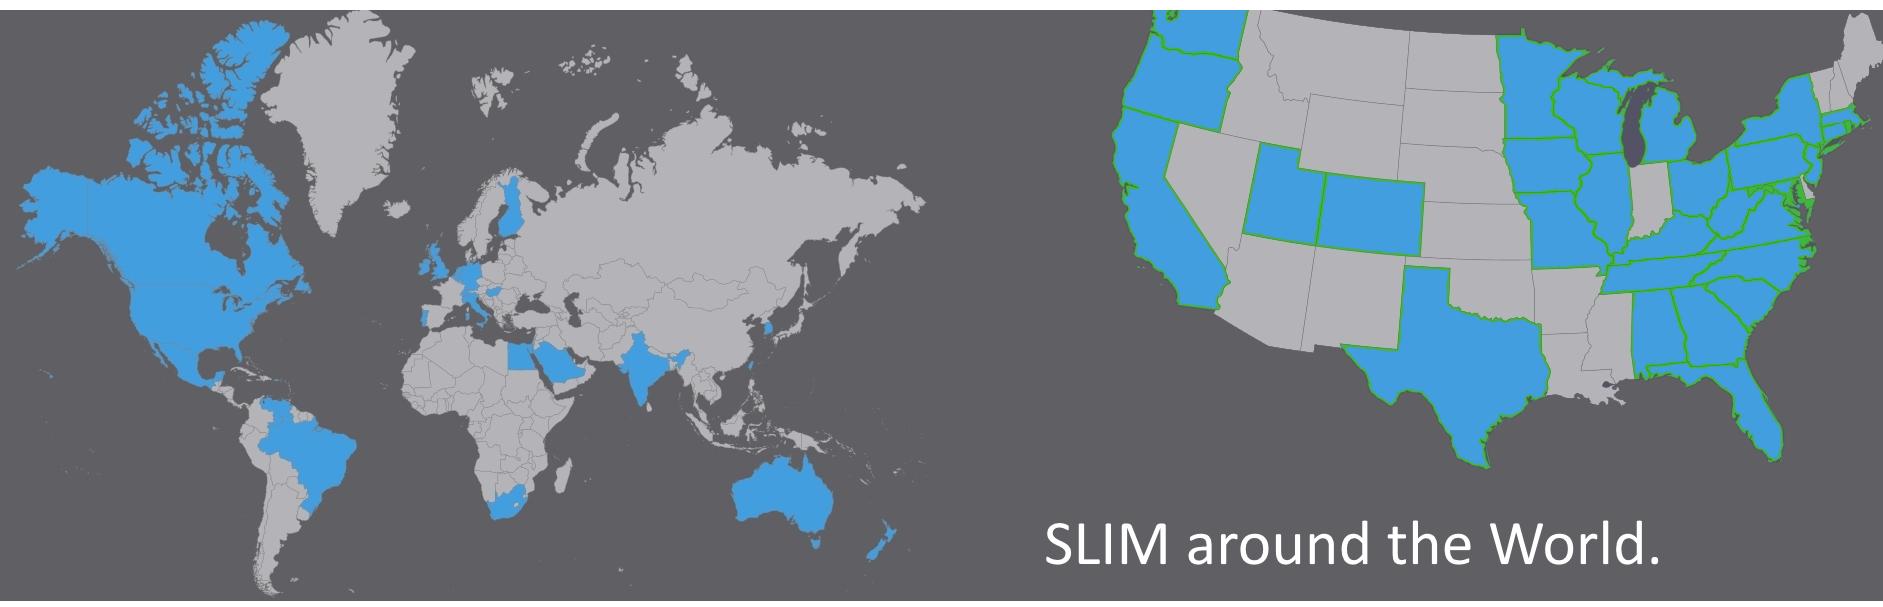 SLIM Around the World